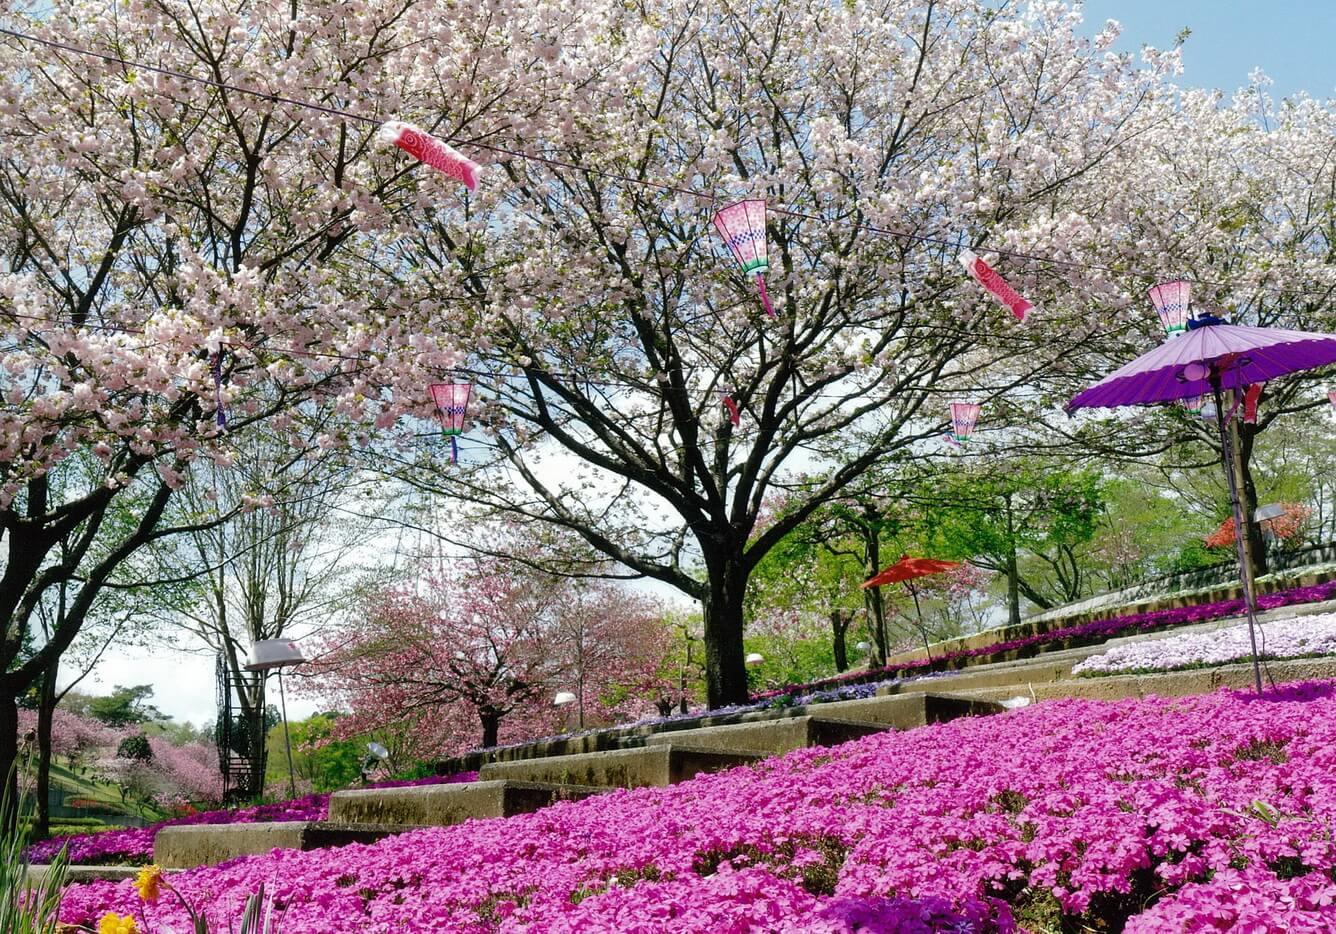 3. Chiêm ngưỡng vườn hoa với 100 cây hoa anh đào đẹp nhất Nhật Bản!